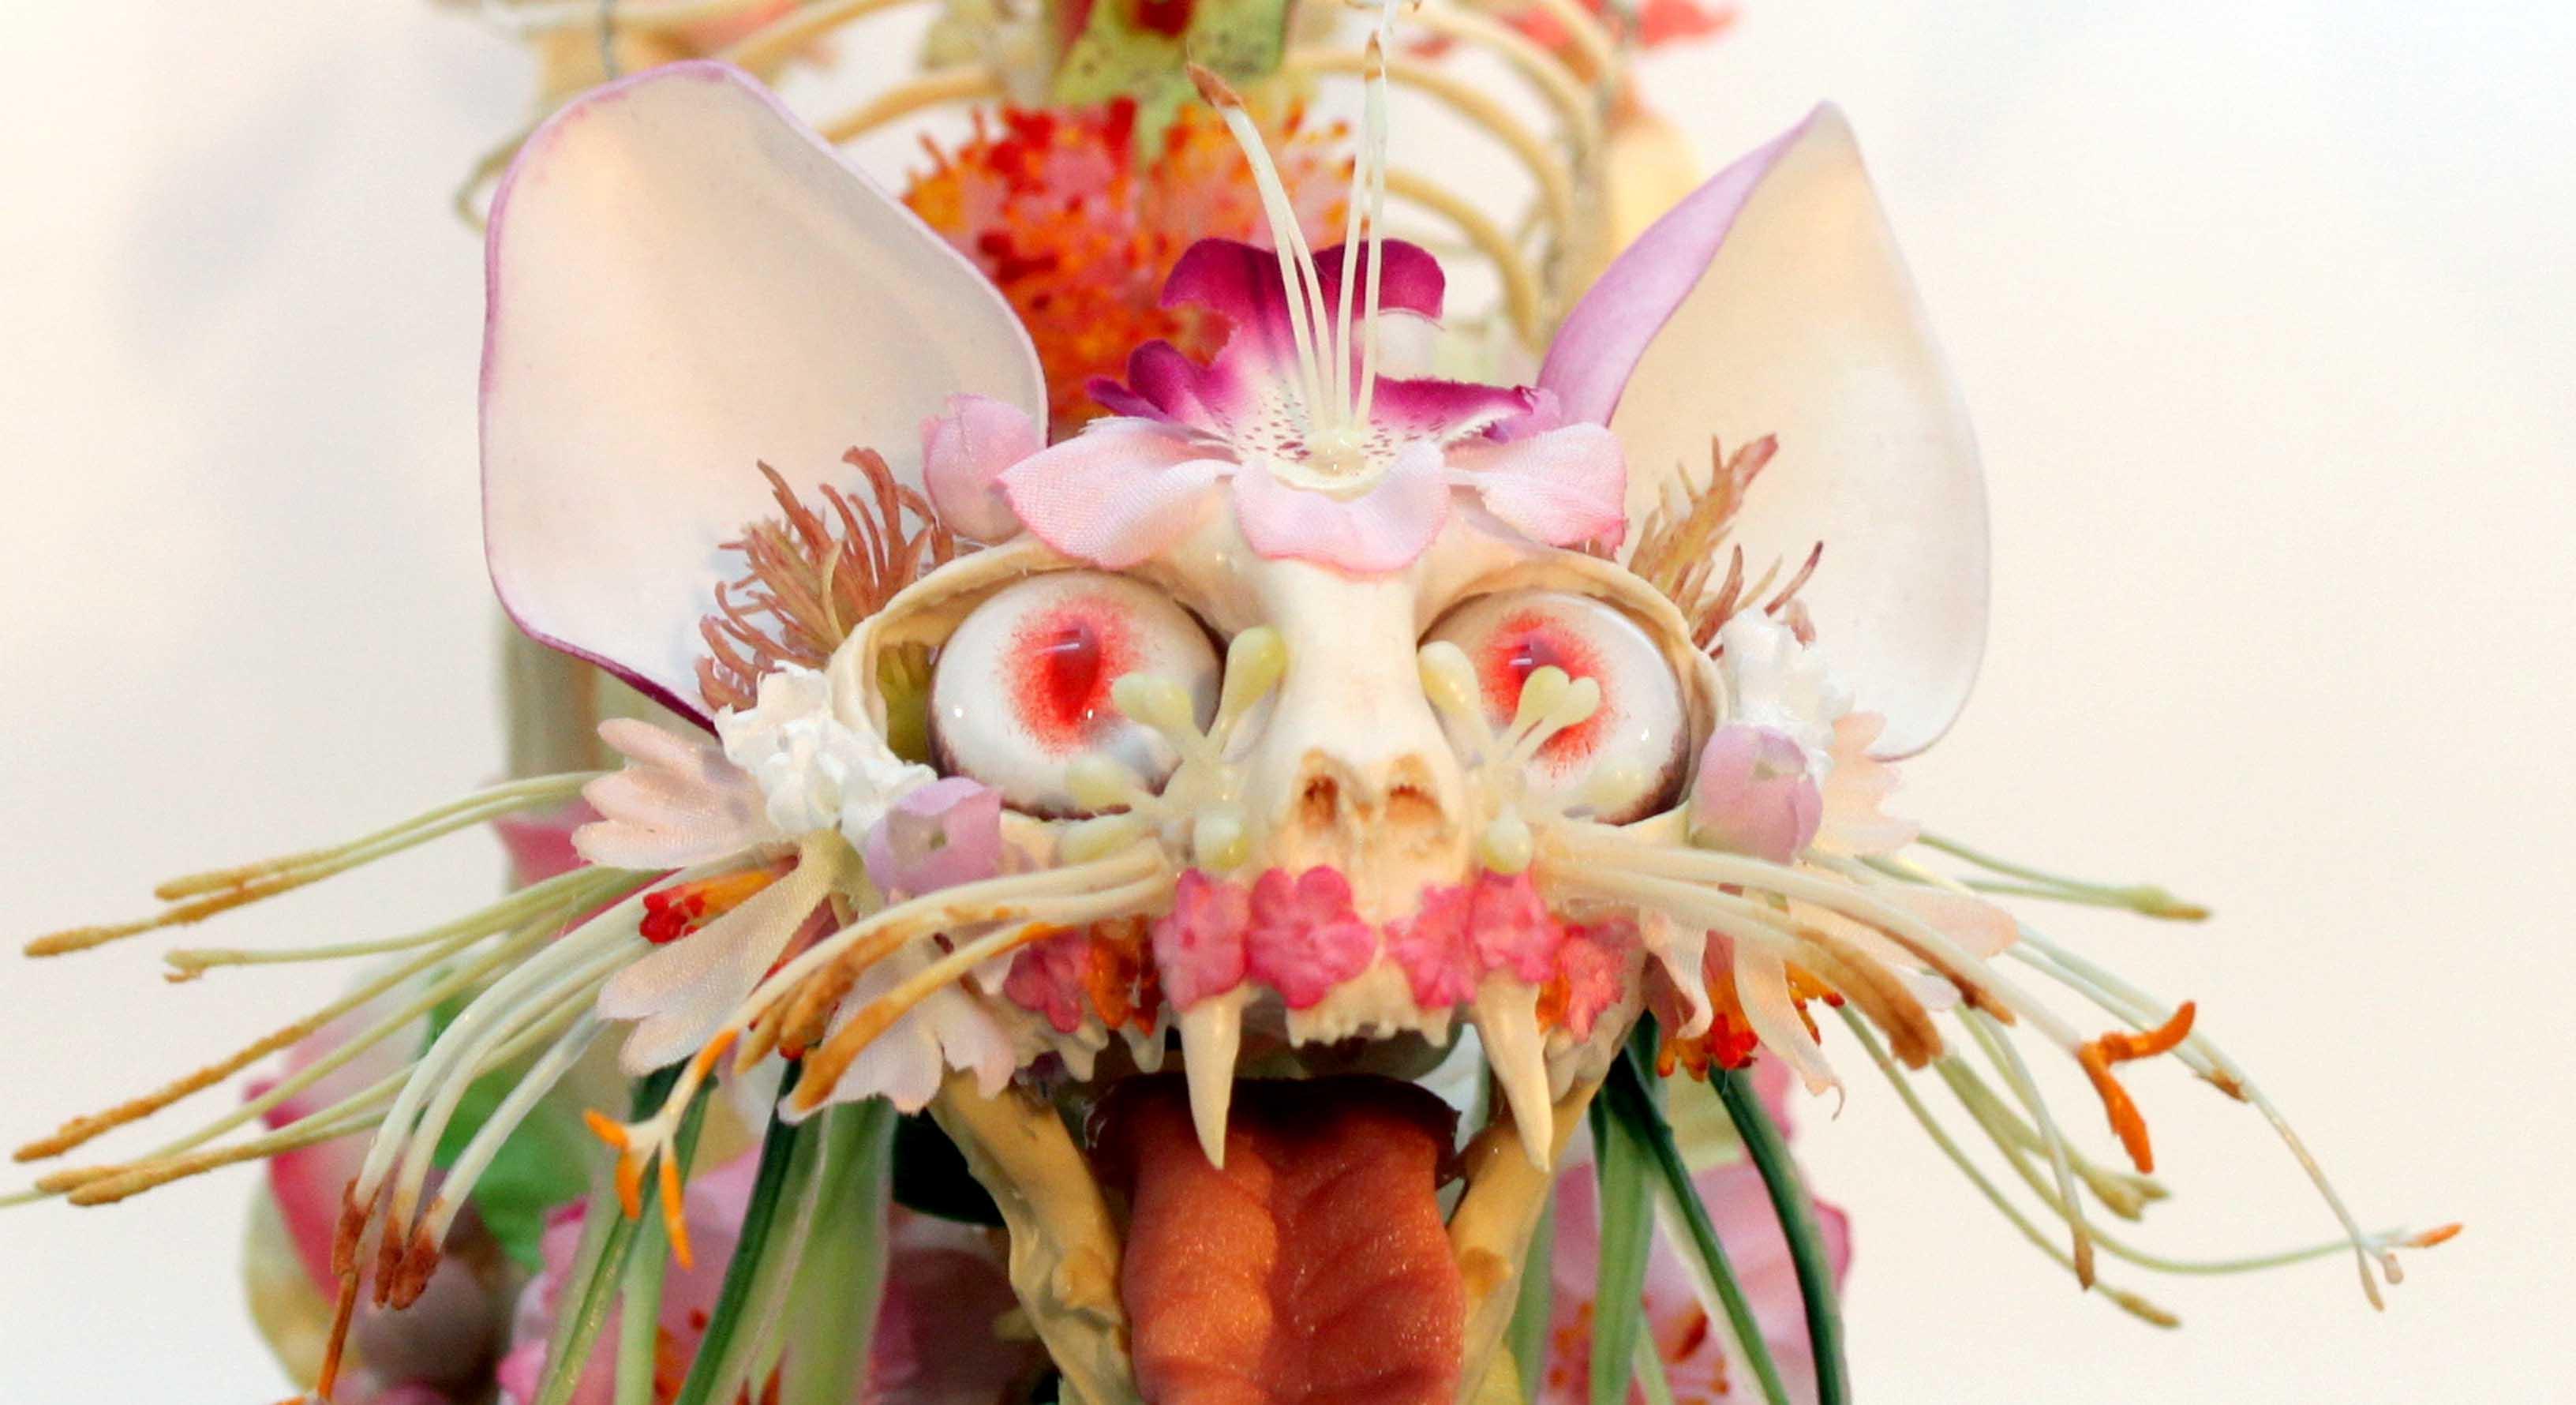 Skeletons dressed in flowers